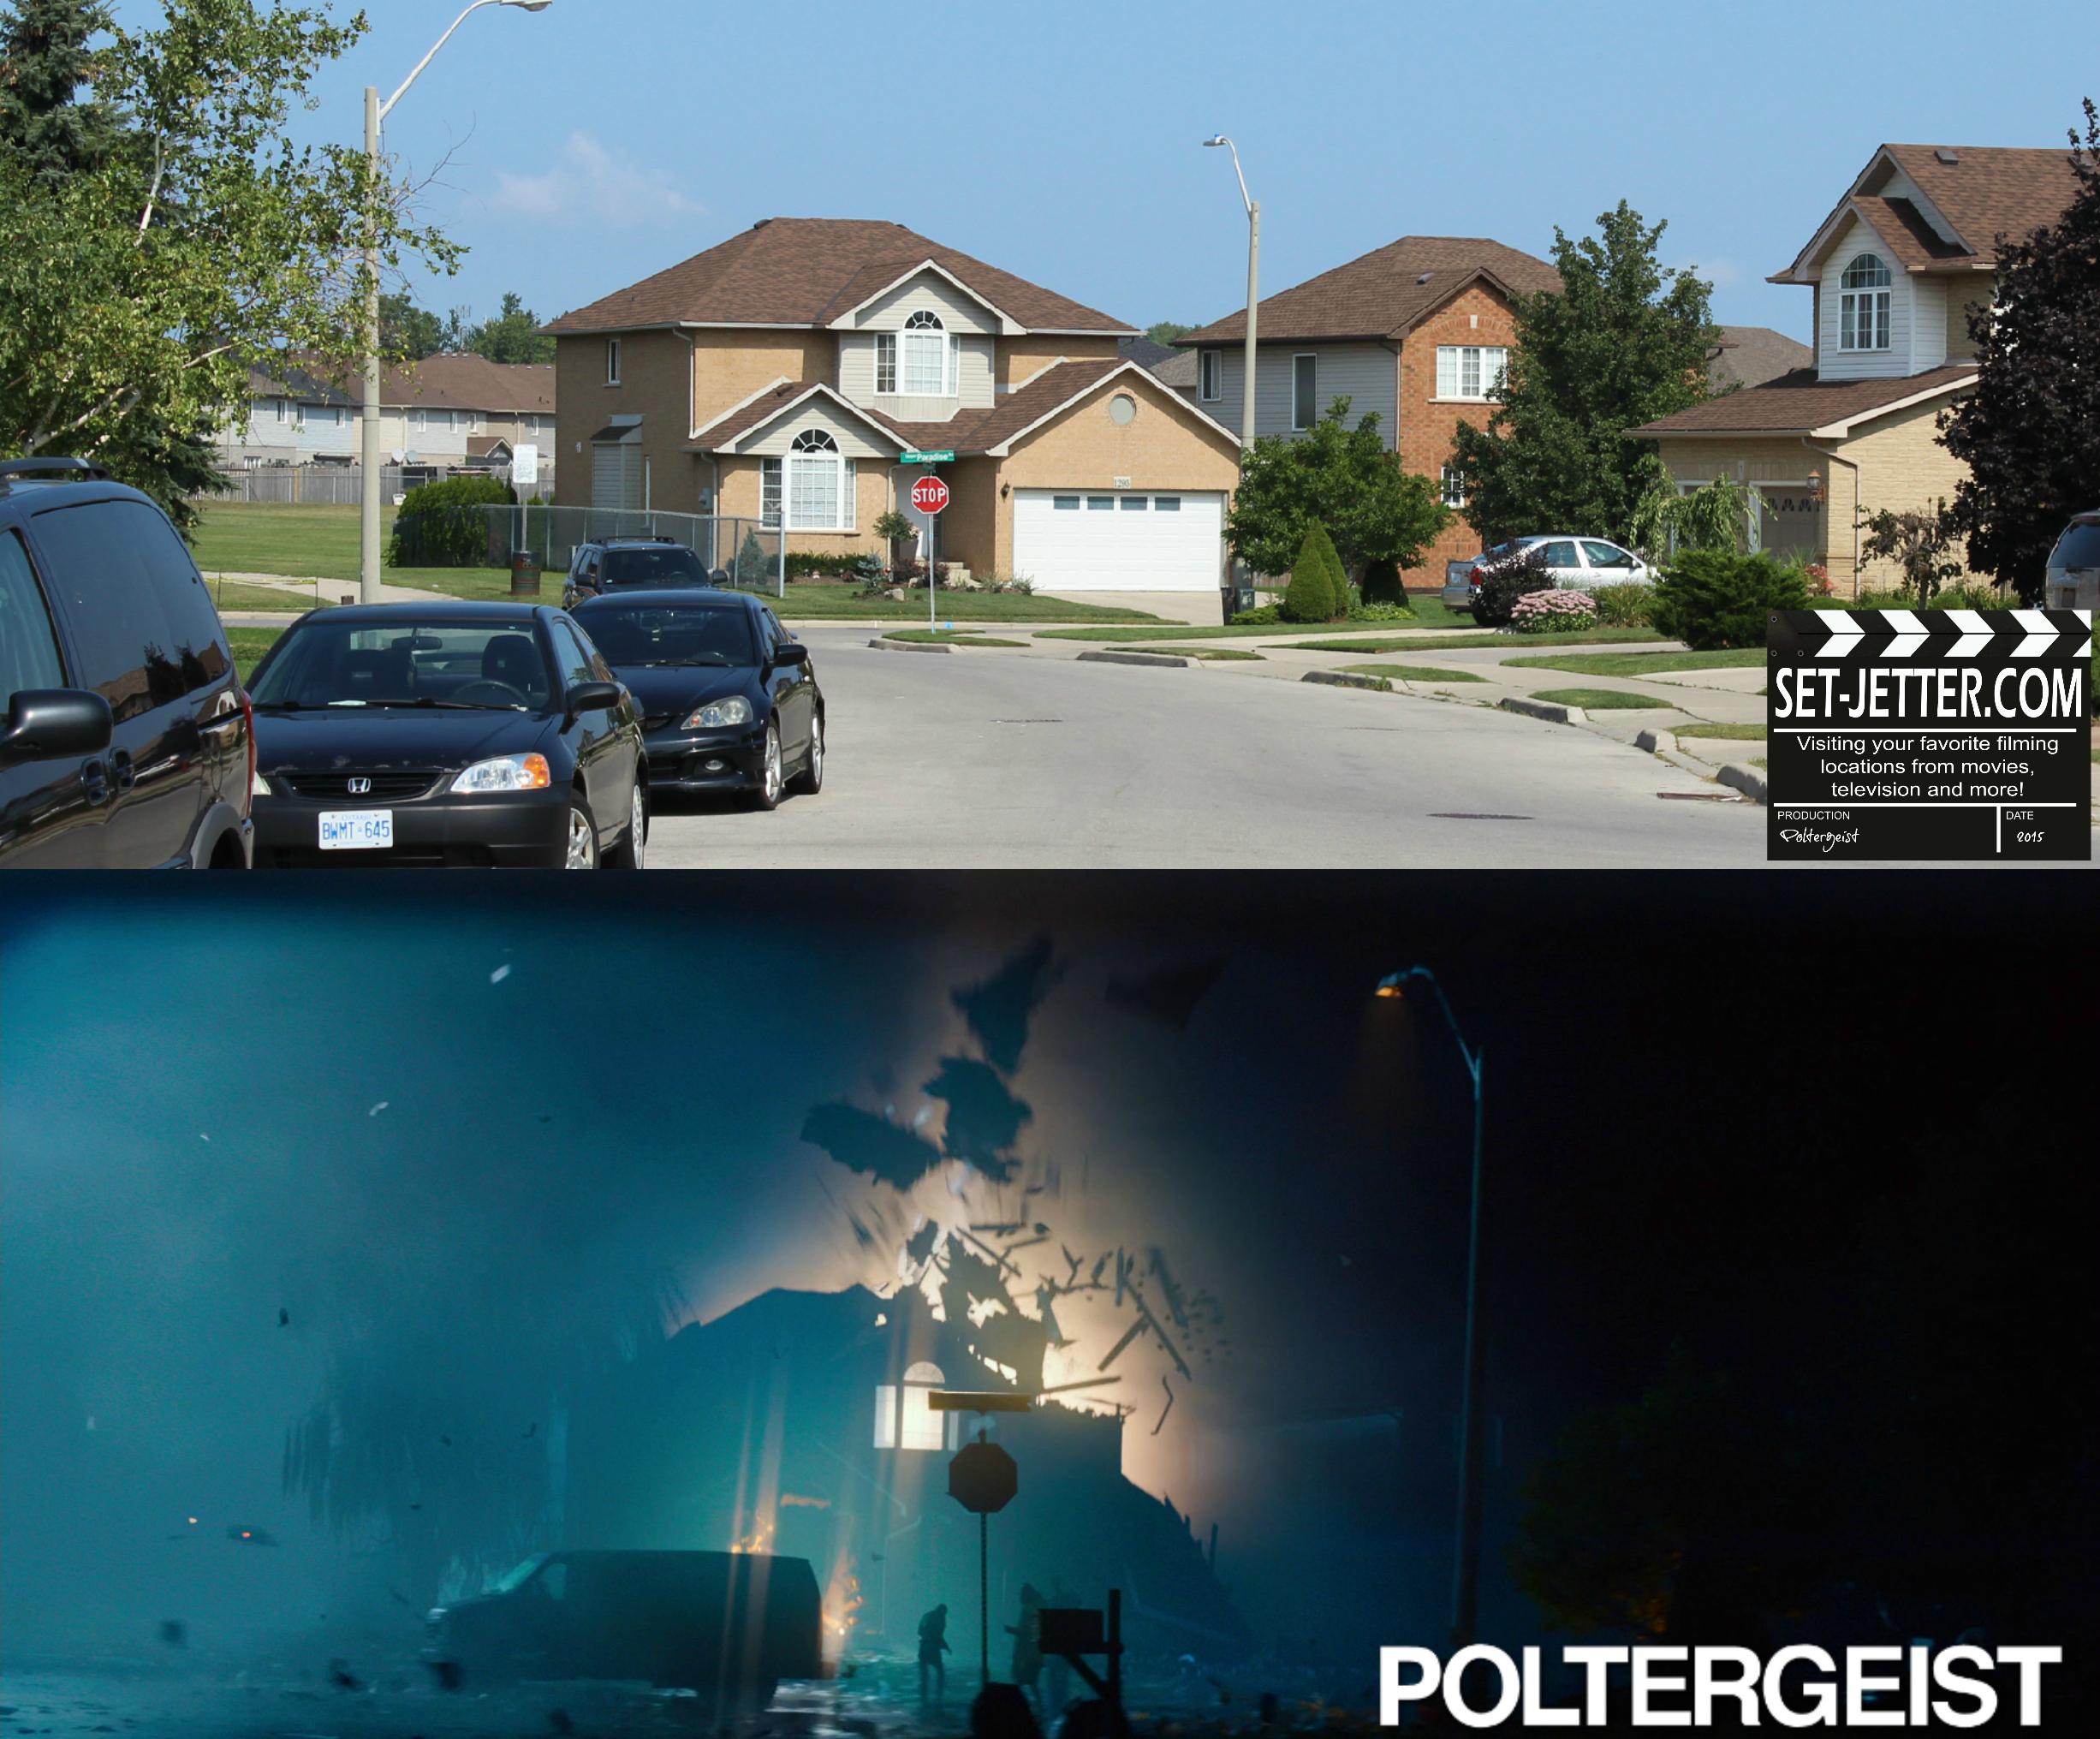 Poltergeist comparison 118.jpg